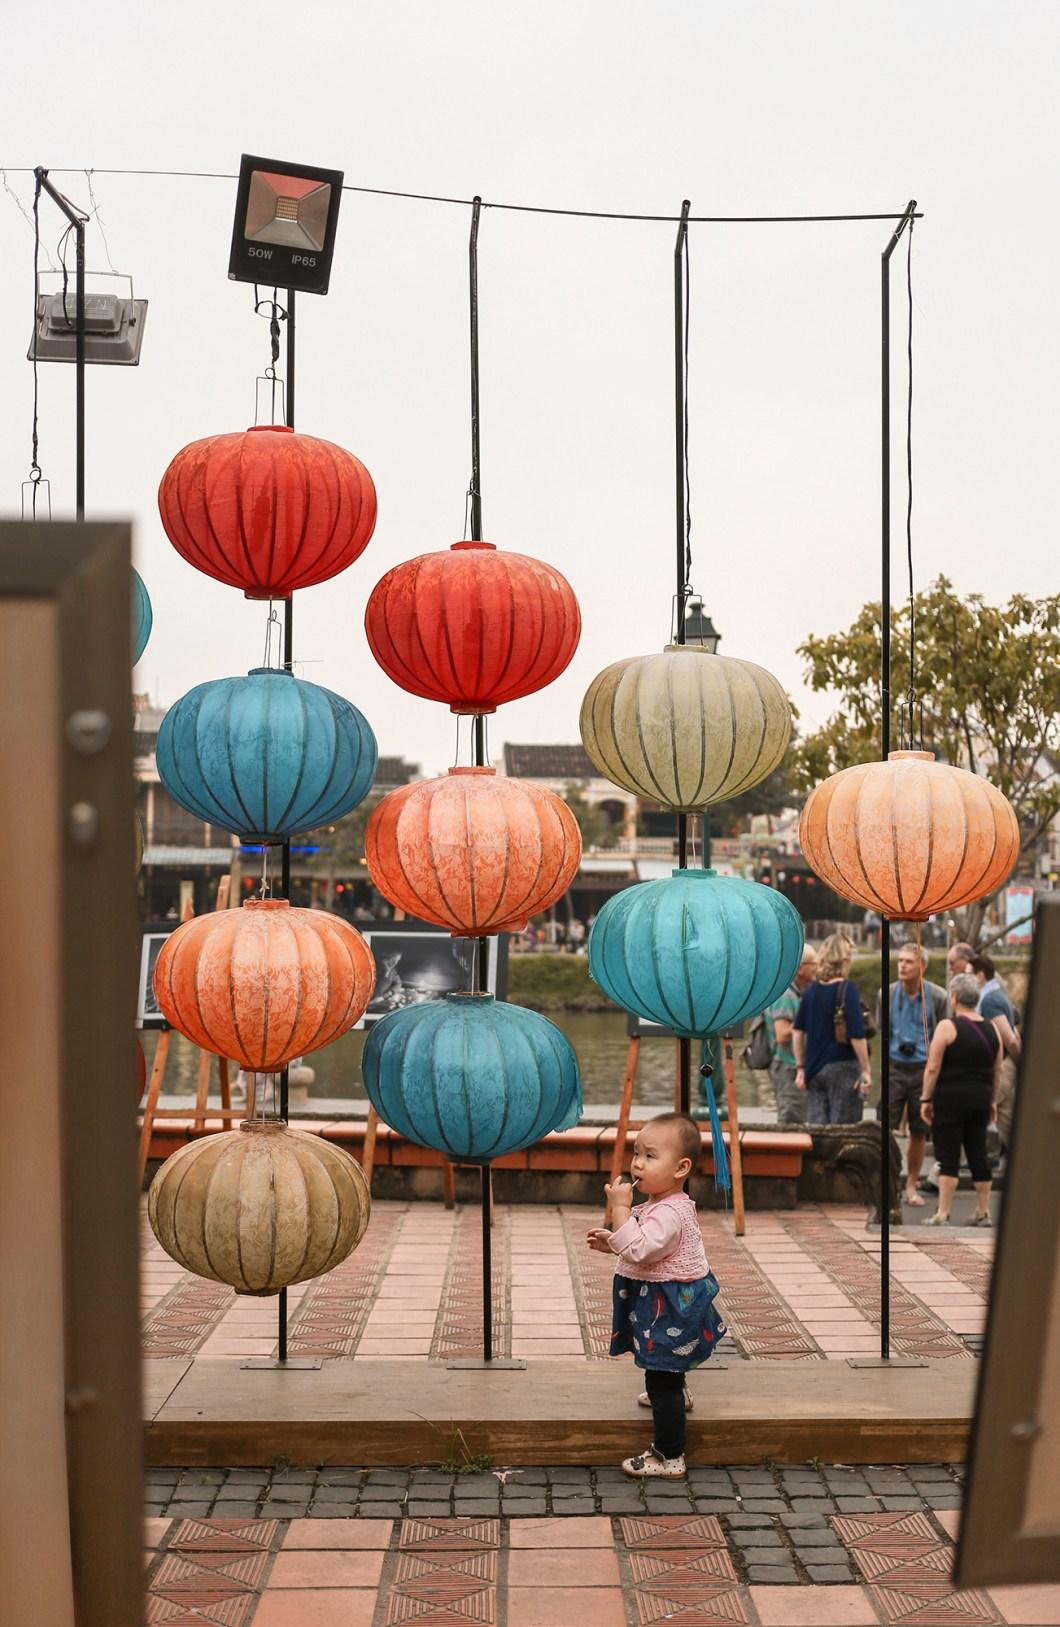 Hoi An Vietnam | How Far From Home